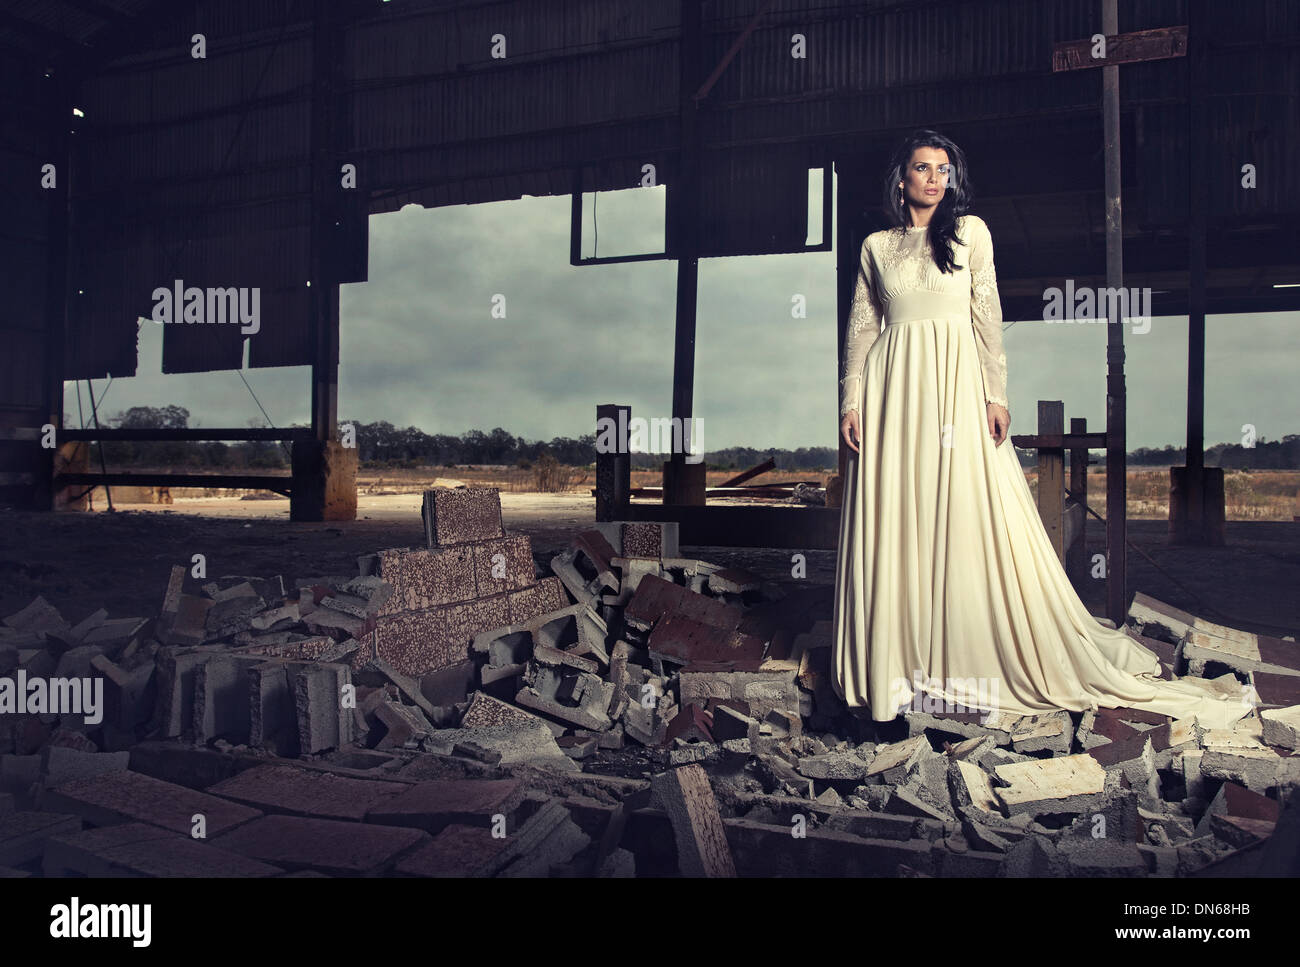 Femme en robe de mariage antique debout sur un tas de gravats Photo Stock